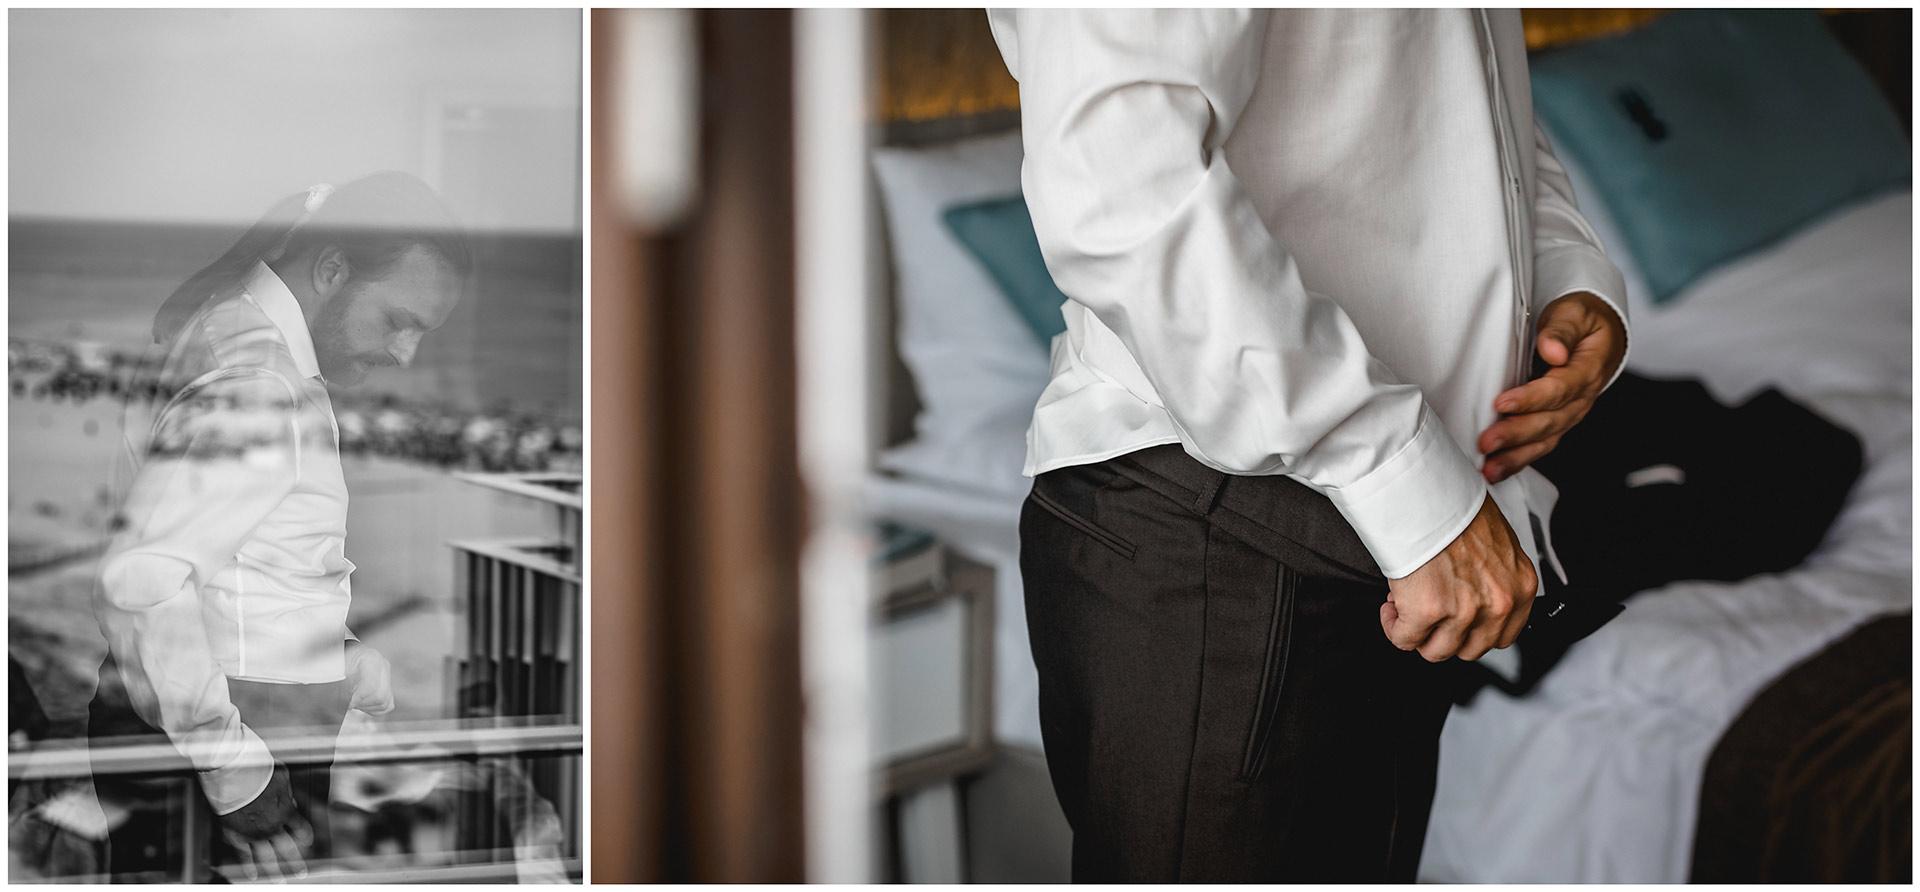 Braeutigam-bei-den-Vorbereitungen-zur-Hochzeit_Getting Ready-Hochzeitsfotograf-Warnemuende-Rostock-Hochzeitsfotograf-Ostseebad-Warnemuende